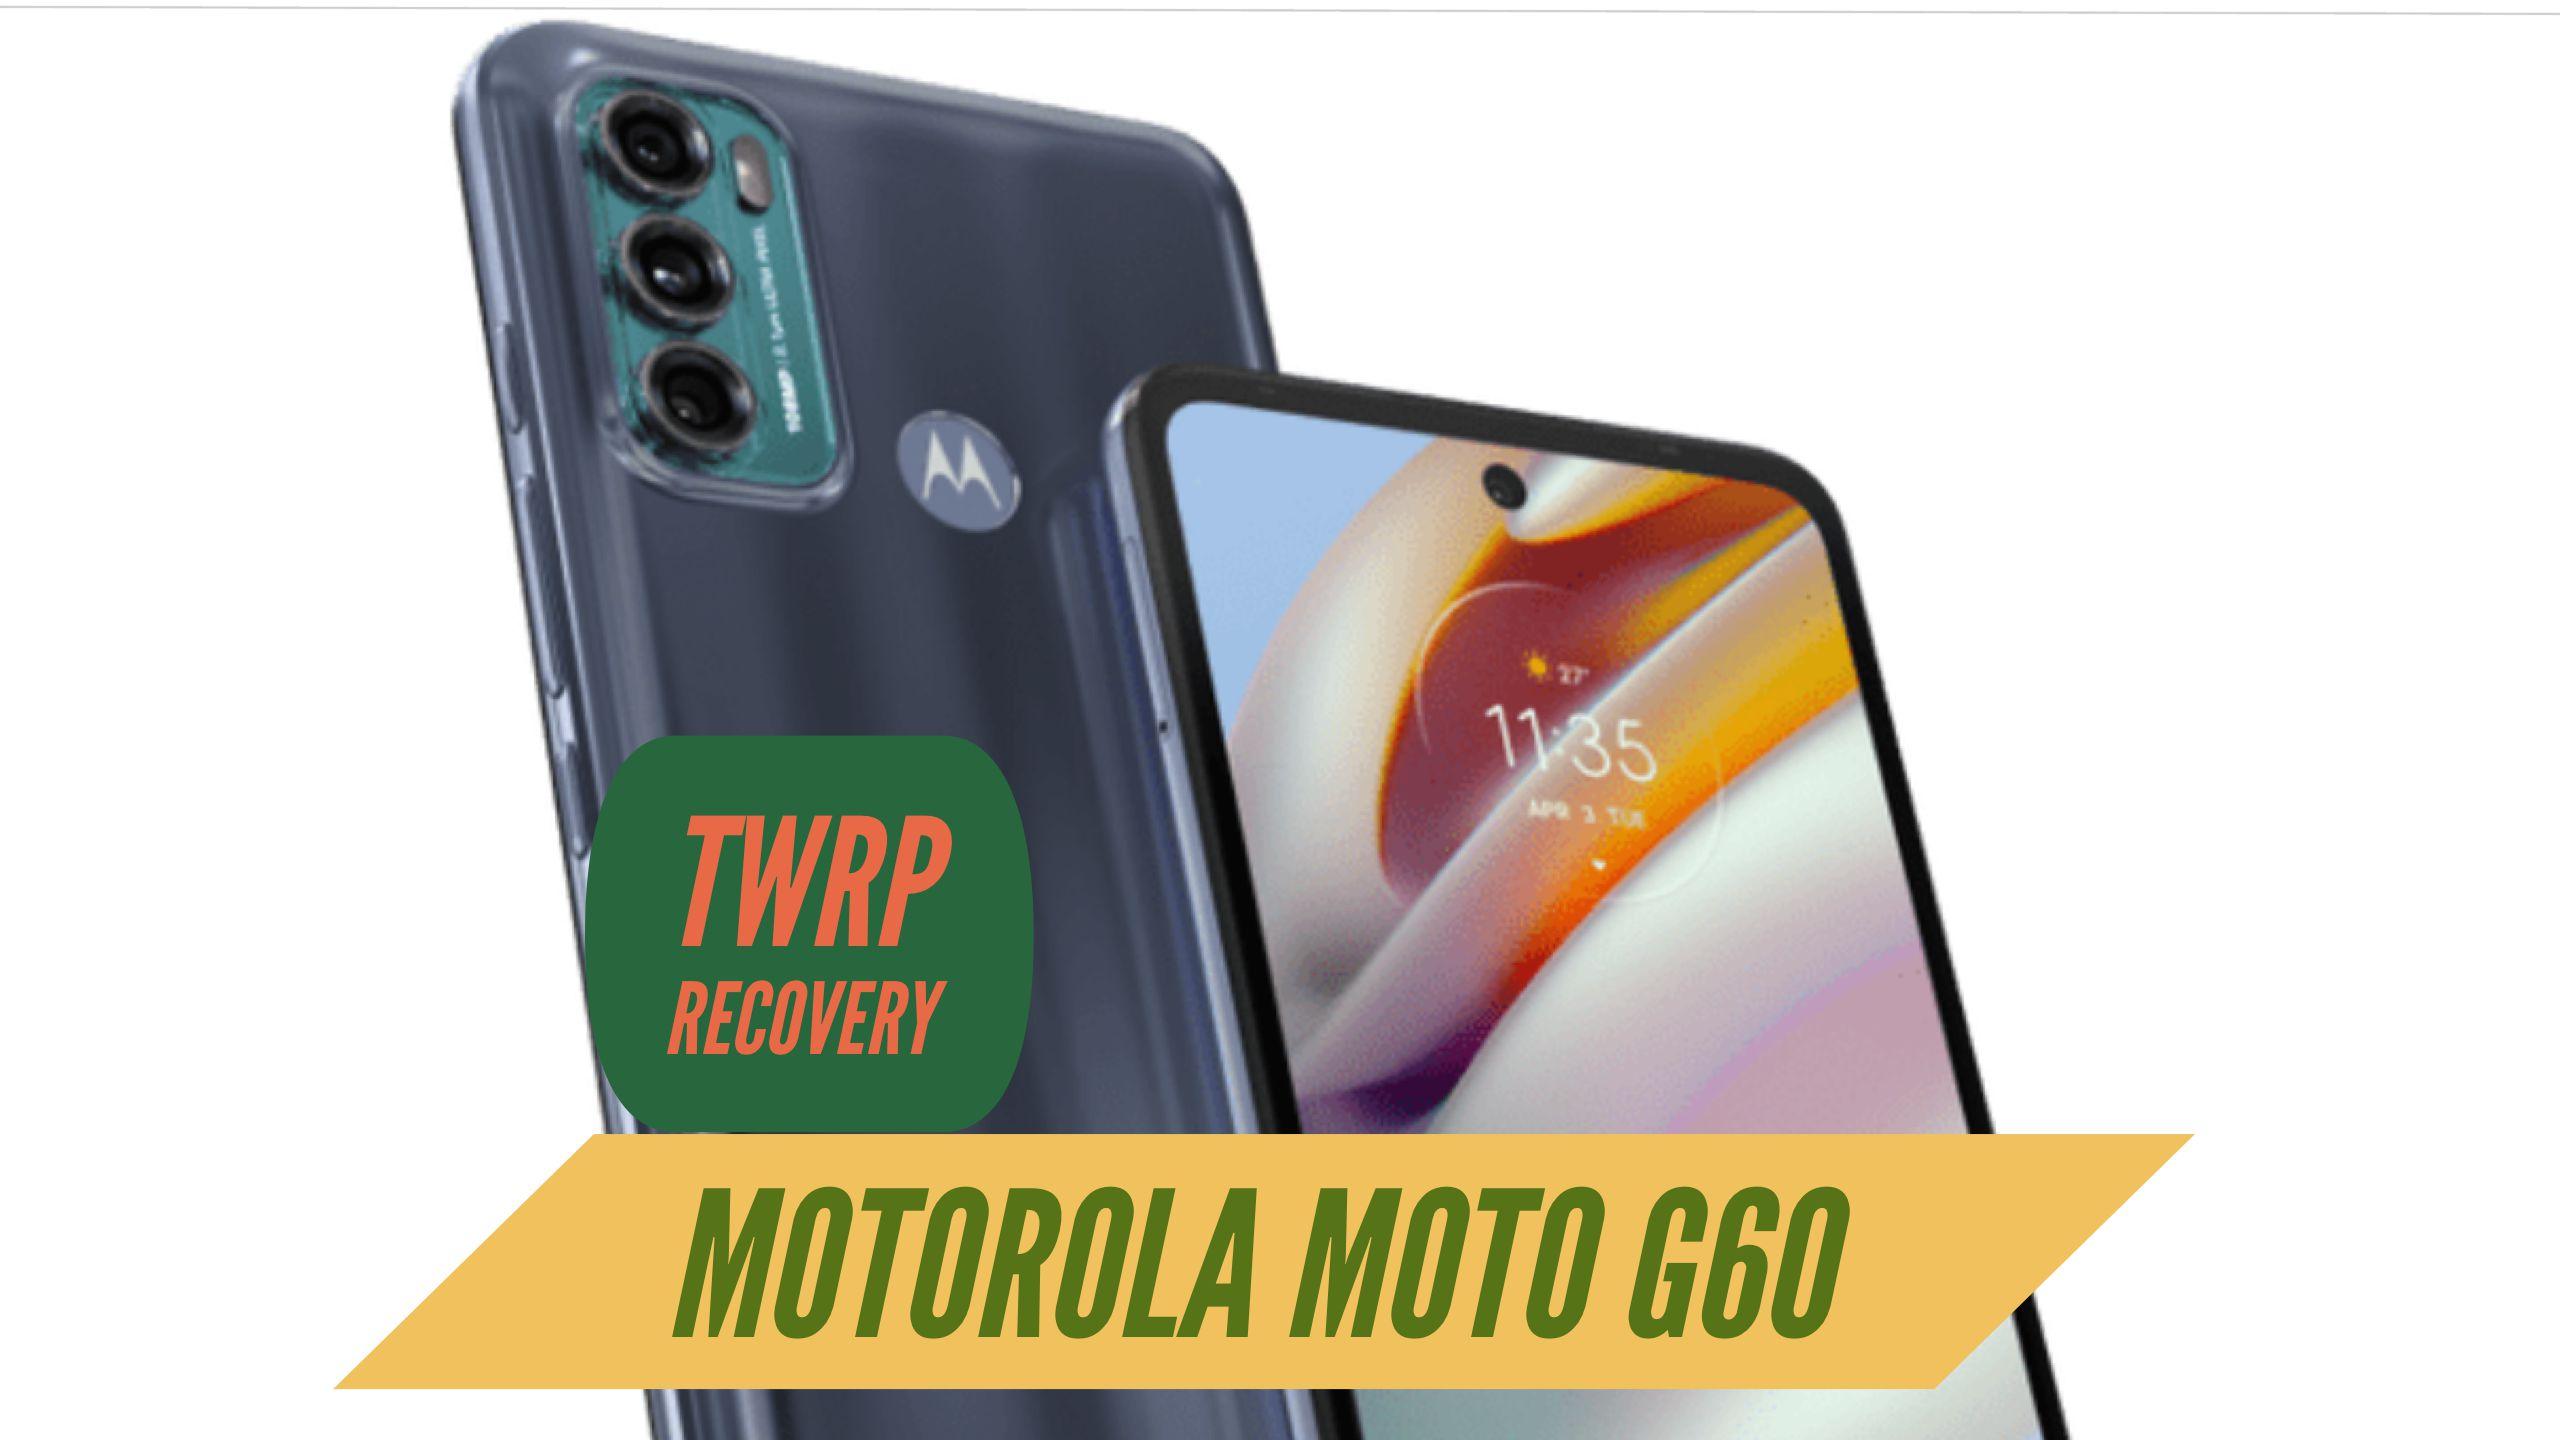 Motorola Moto G60 TWRP Recovery